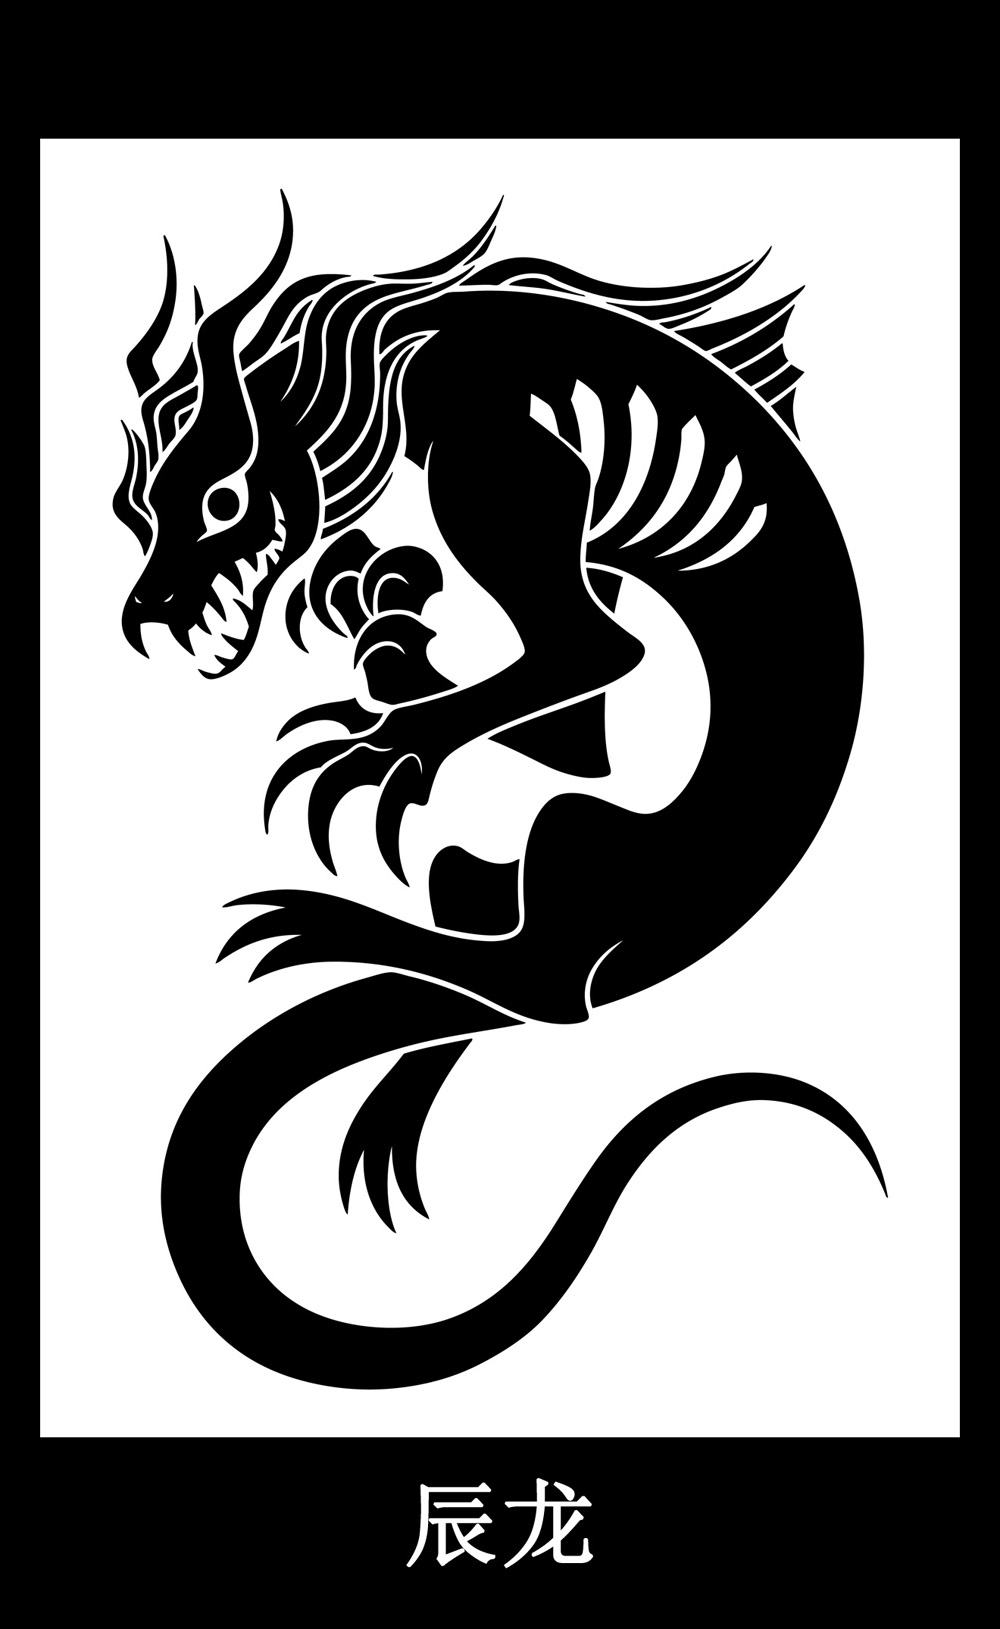 05 - 龙 - SCP-682 - 不灭孽蜥